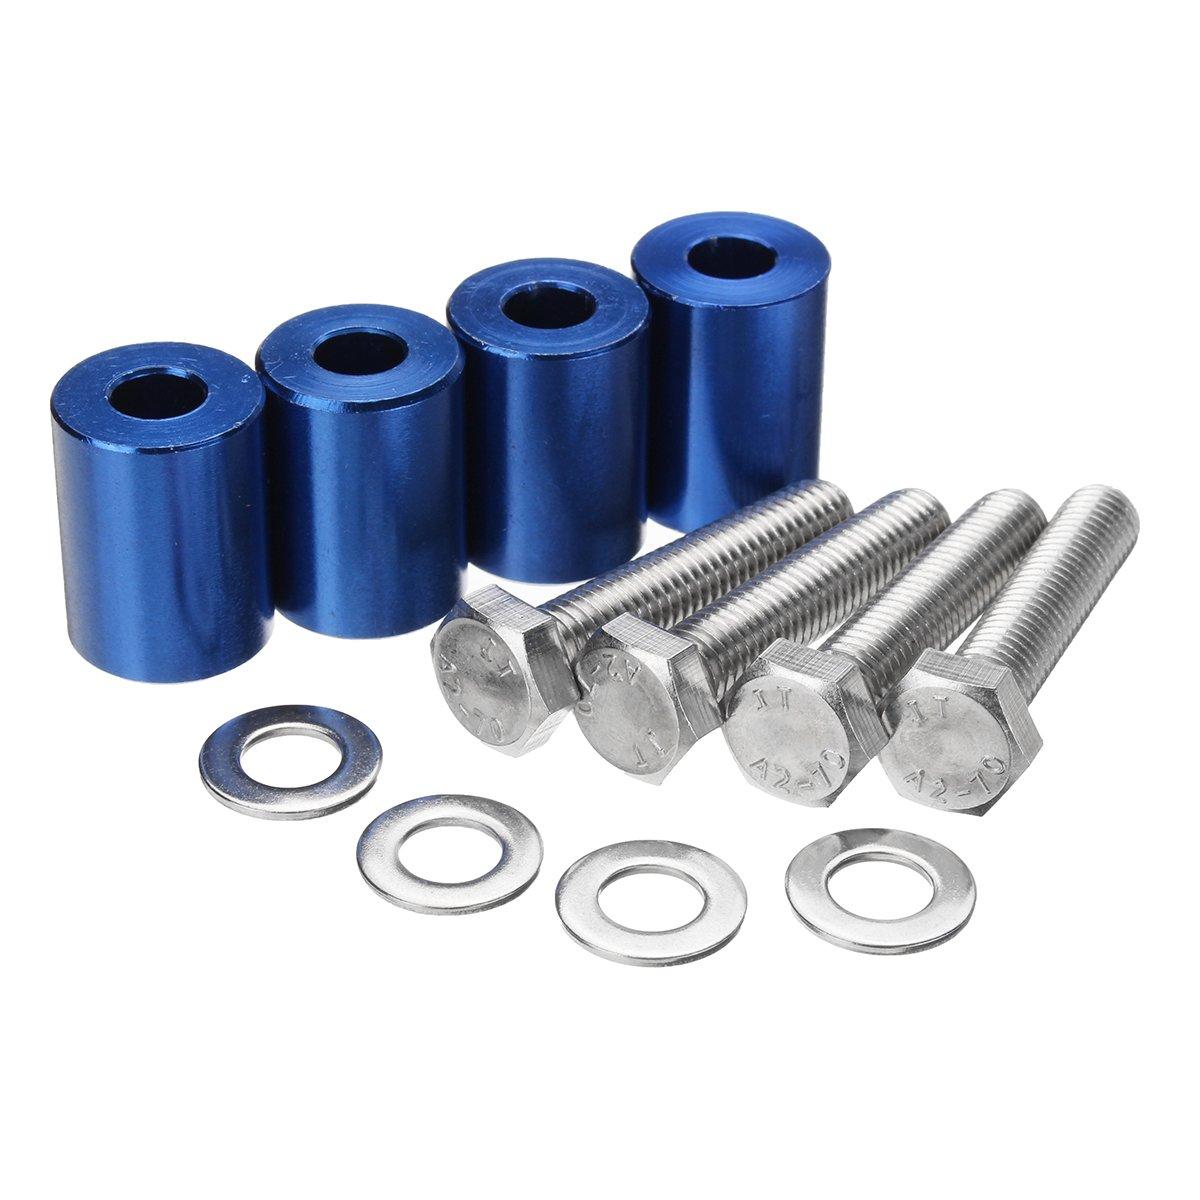 GOZAR 1 Inch Alloy Billet Hood Vent Spacer Riser For Car Auto Motor Turbo Engine Swap 8mm - Blue